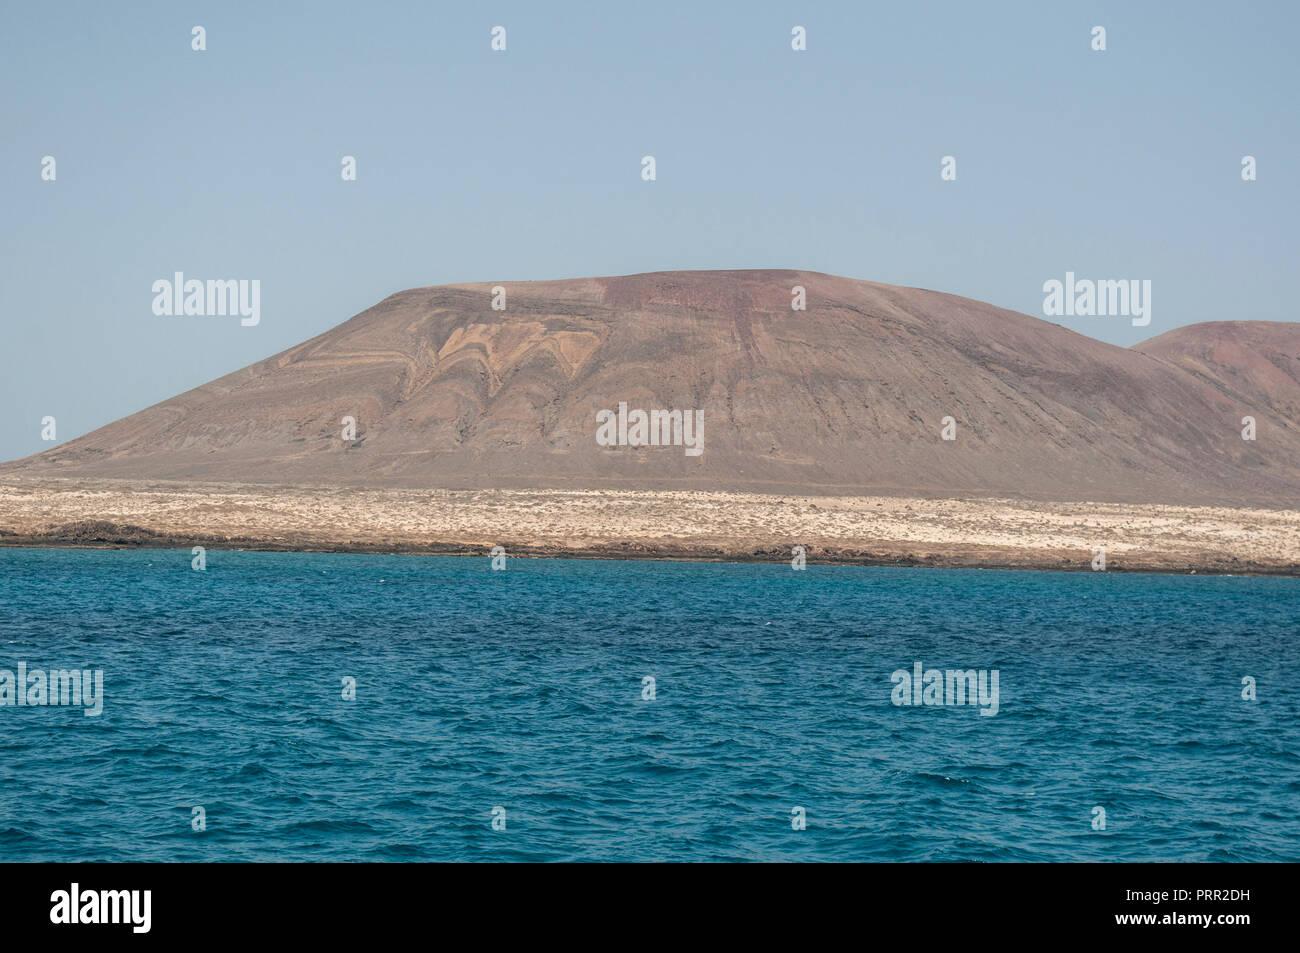 Lanzarote, Kanarische Inseln: Atlantik und Panoramablick auf die Skyline von La Graciosa, die Inselgruppe Chinijo Inseln Stockbild